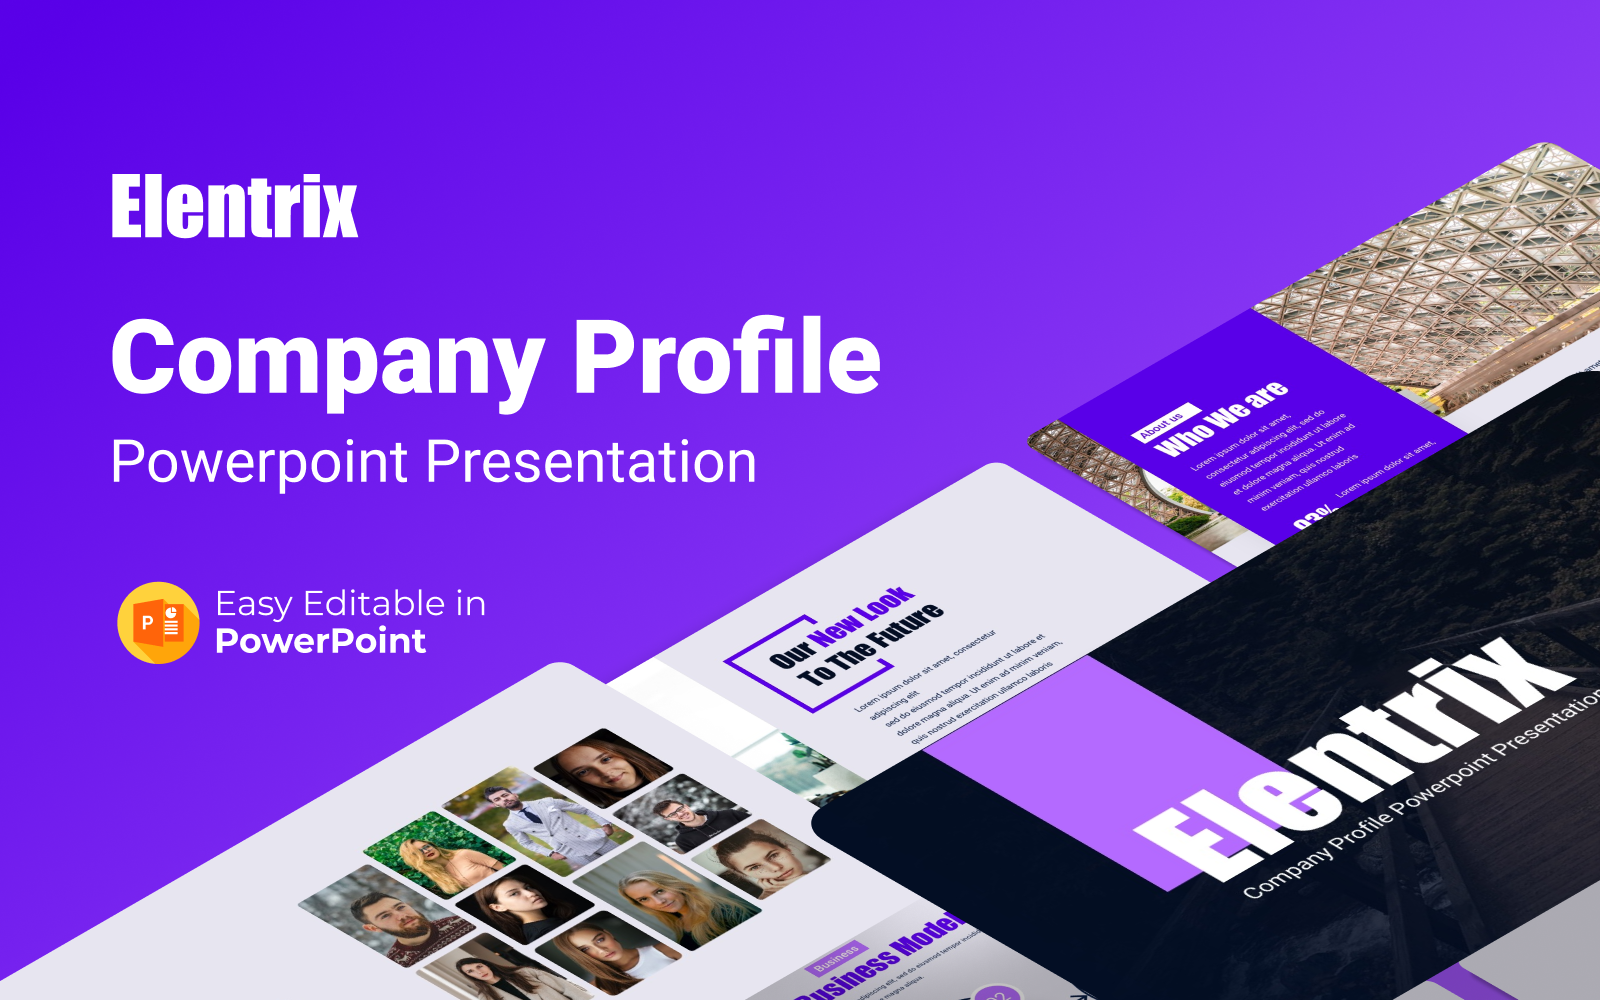 Elentrix – Company Profile Presentation Template